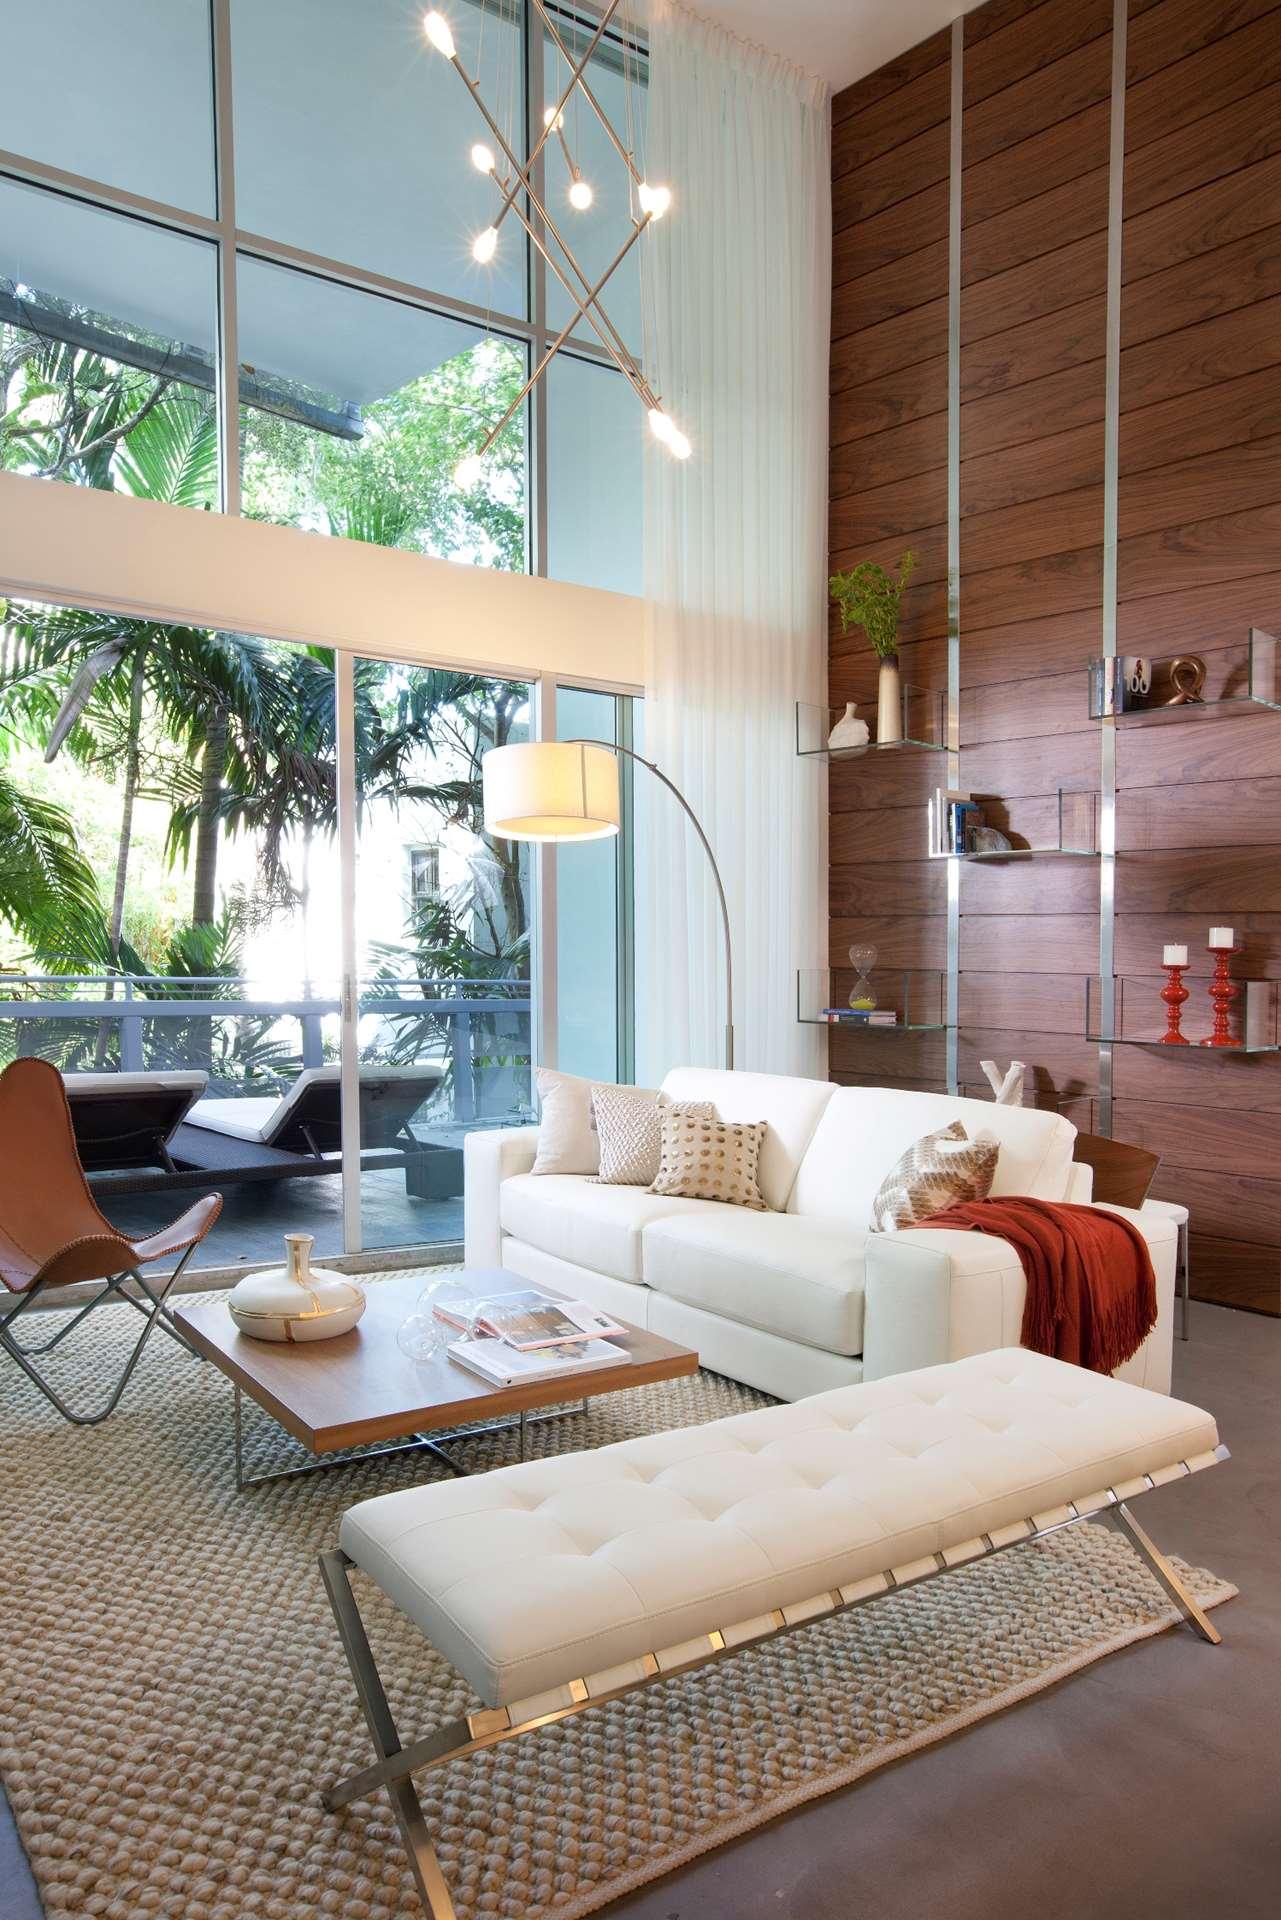 South beach chic dkor interiors for E interior design